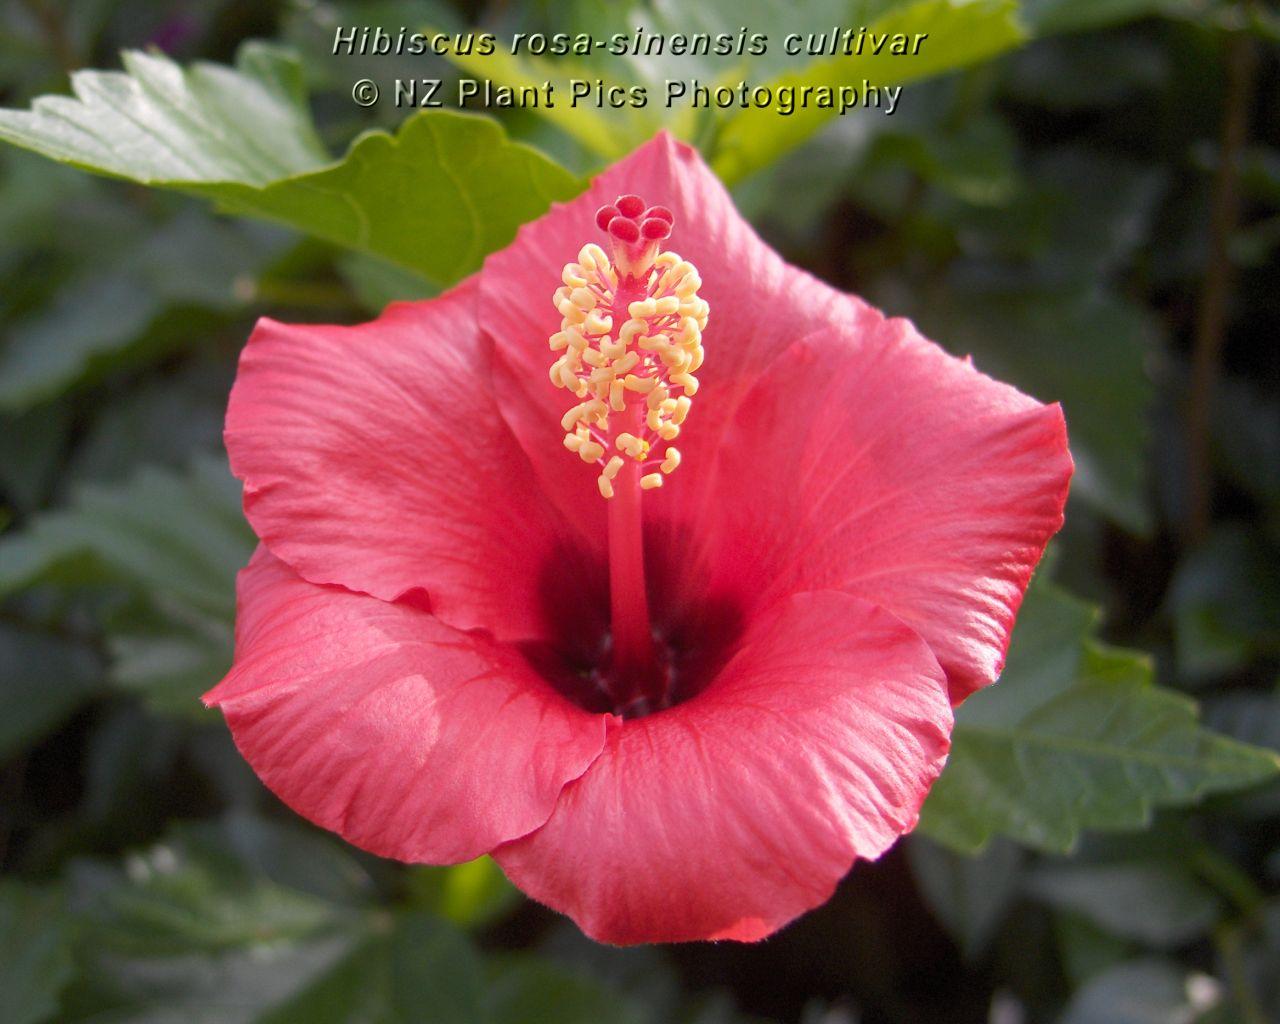 http://3.bp.blogspot.com/-ny1q9_F5qDM/TbaPpYSZJiI/AAAAAAAABPA/ym2ic5n7V3c/s1600/windows-7-flower-wallpaper.jpg